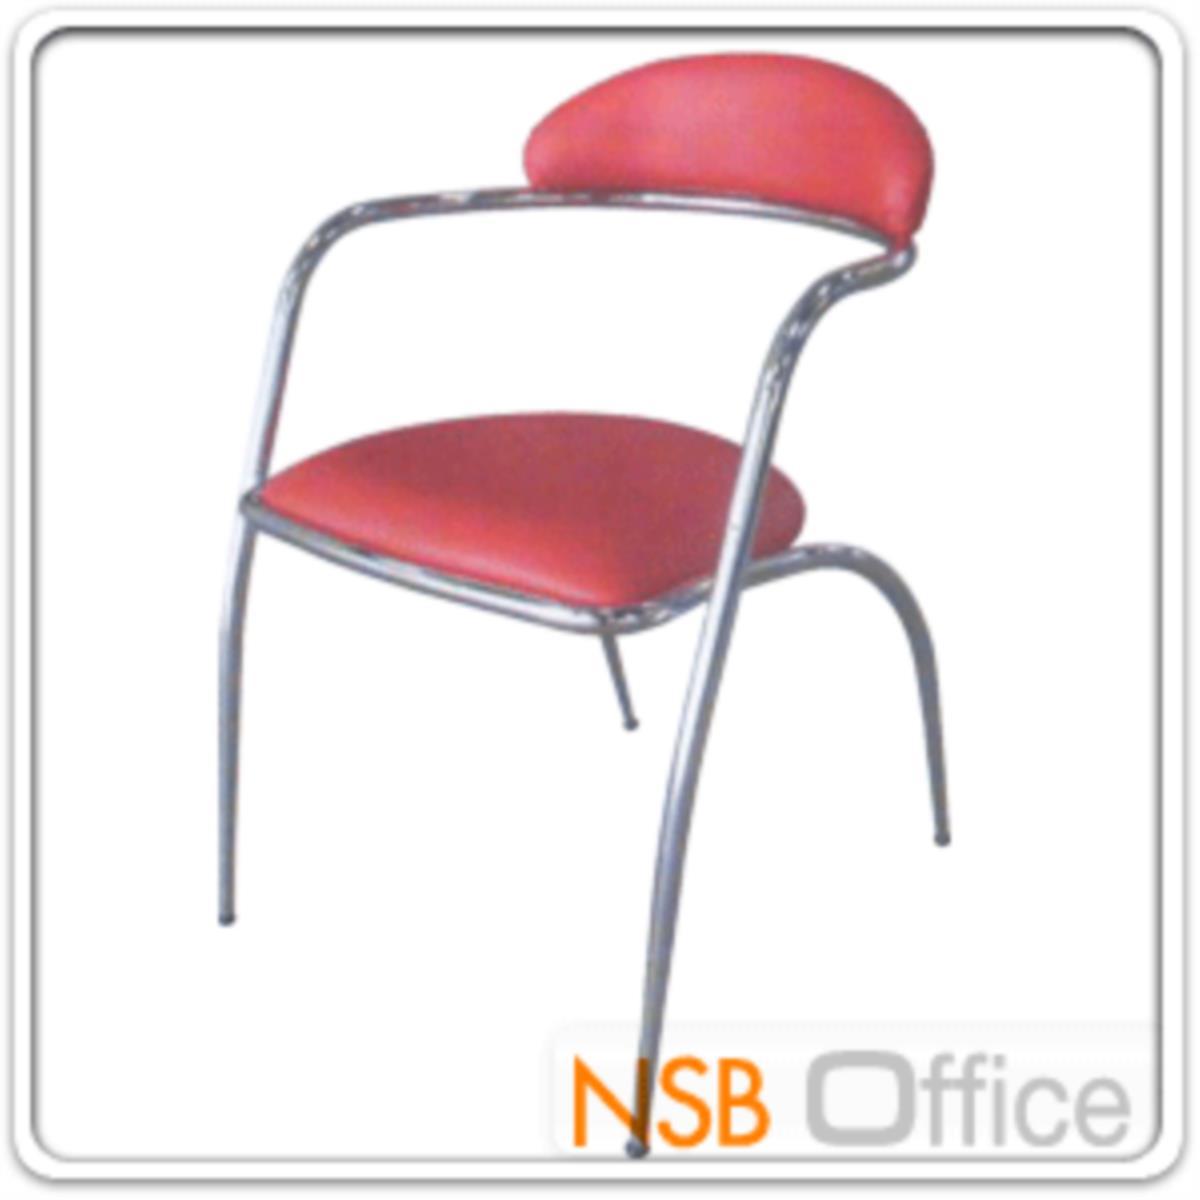 เก้าอี้อเนกประสงค์เหล็ก รุ่น TK-21  ขาเหล็กชุบโครเมี่ยม